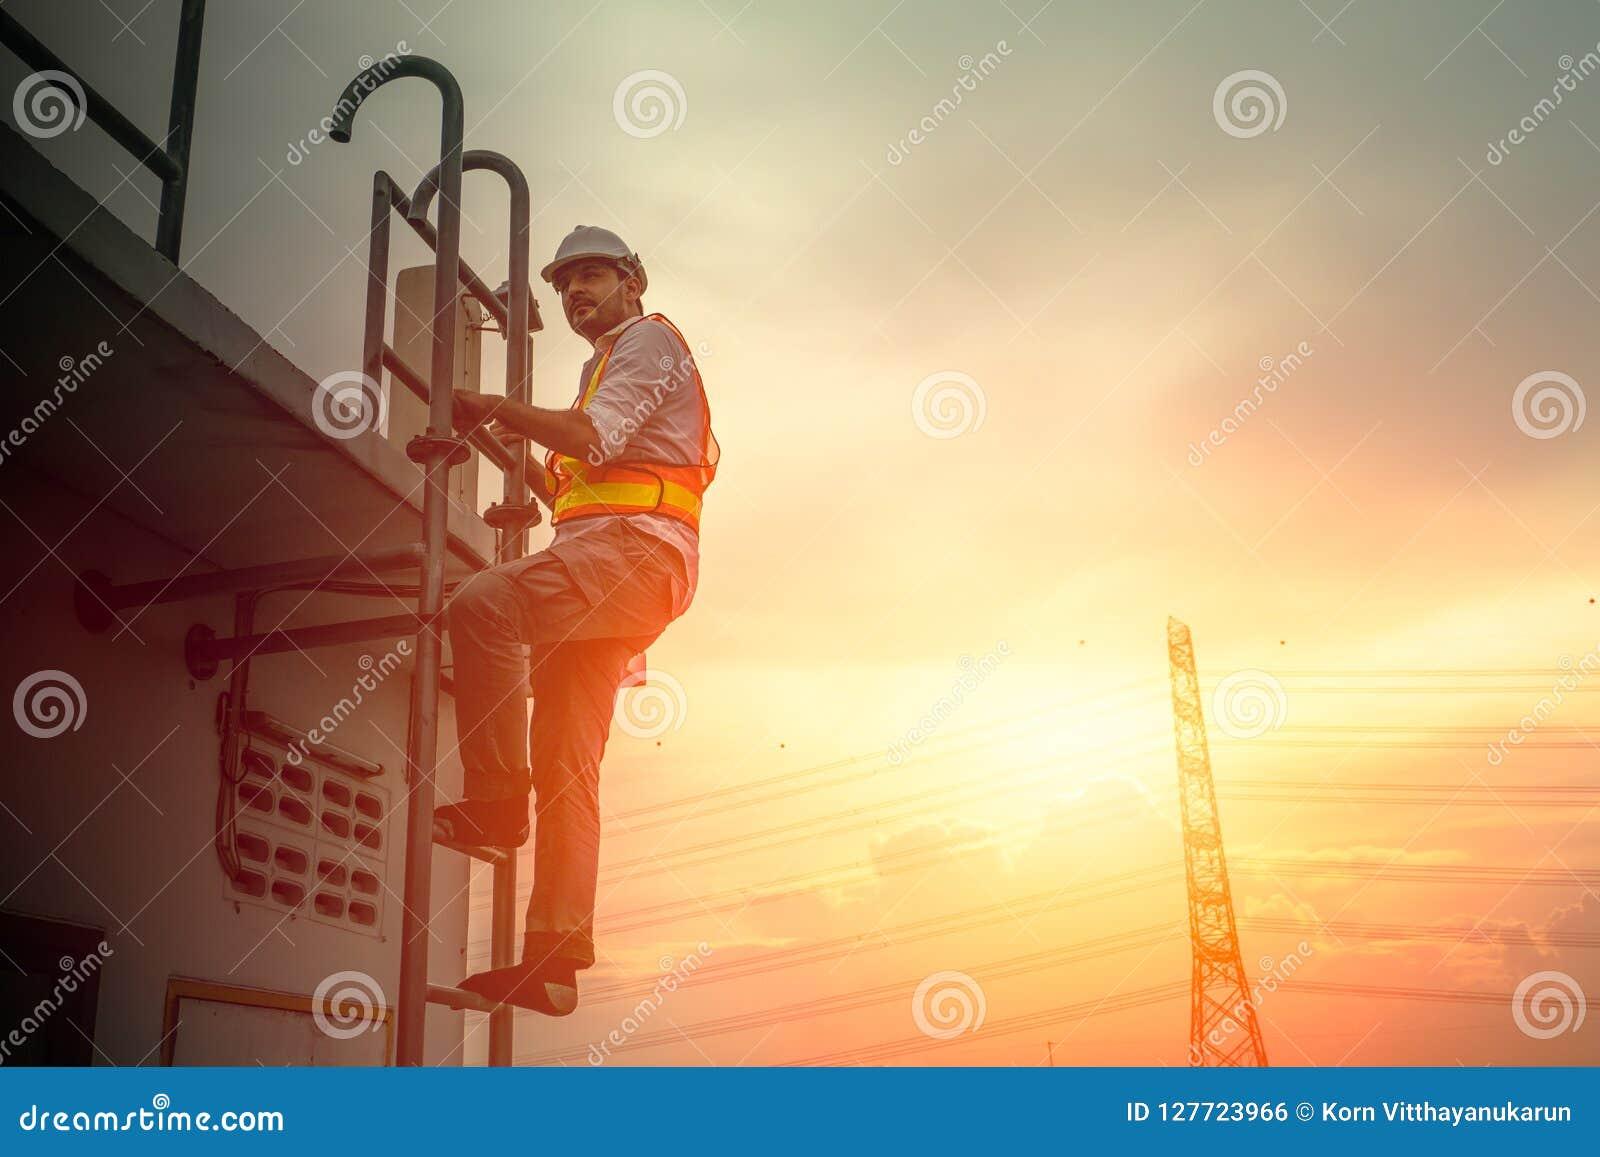 Projete o técnico que trabalha na escada para fixar o cabo da eletricidade